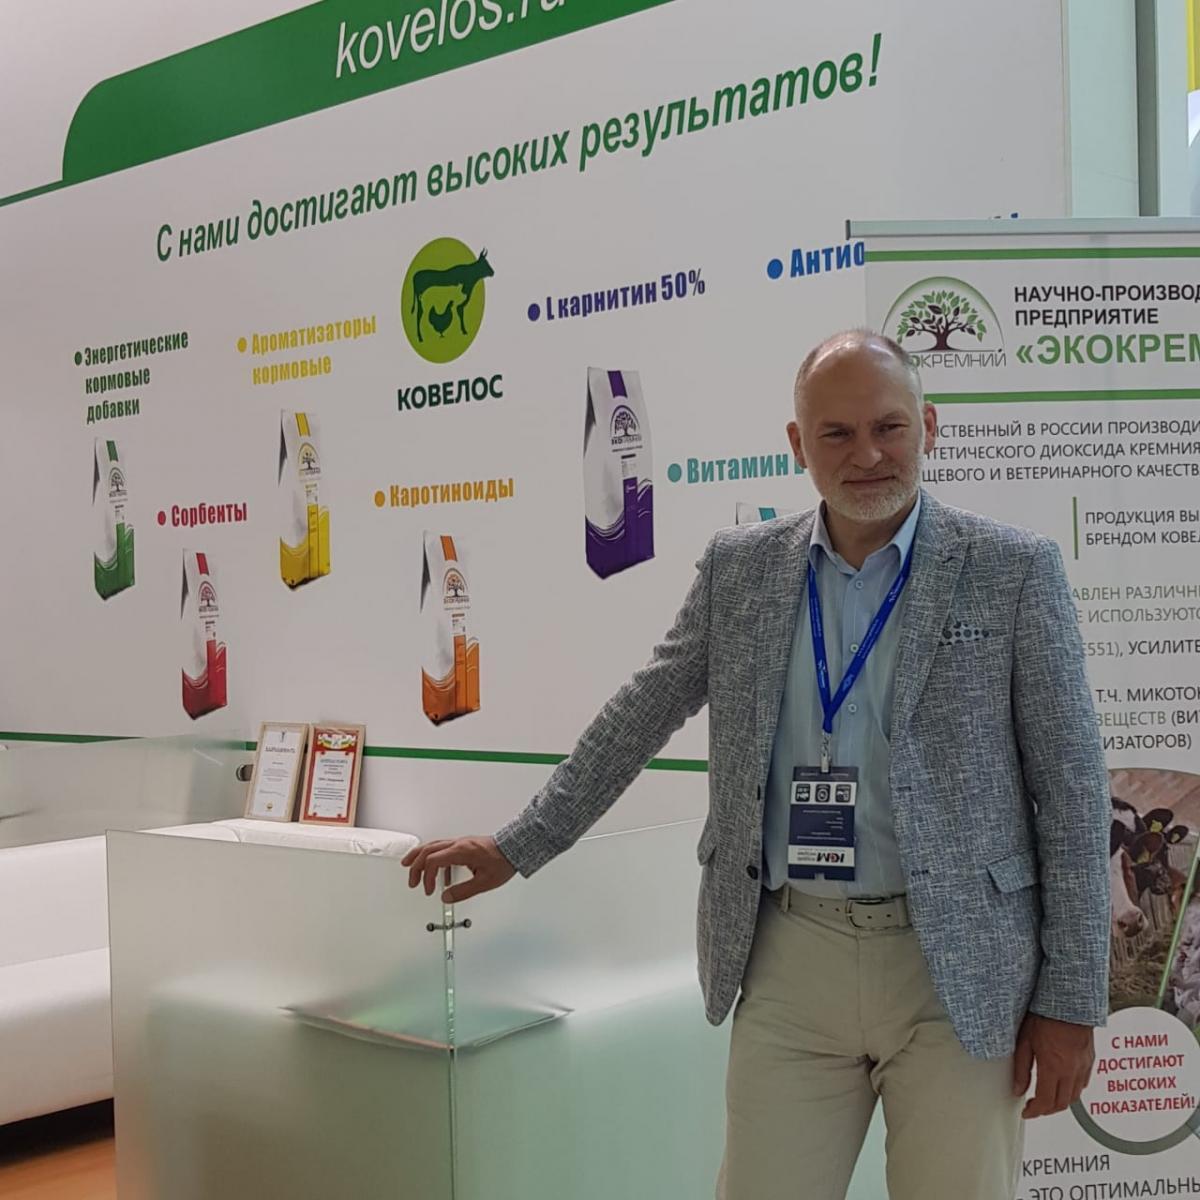 Брянское предприятие «Экокремний» приняло участие в торгово-промышленной выставке в Москве